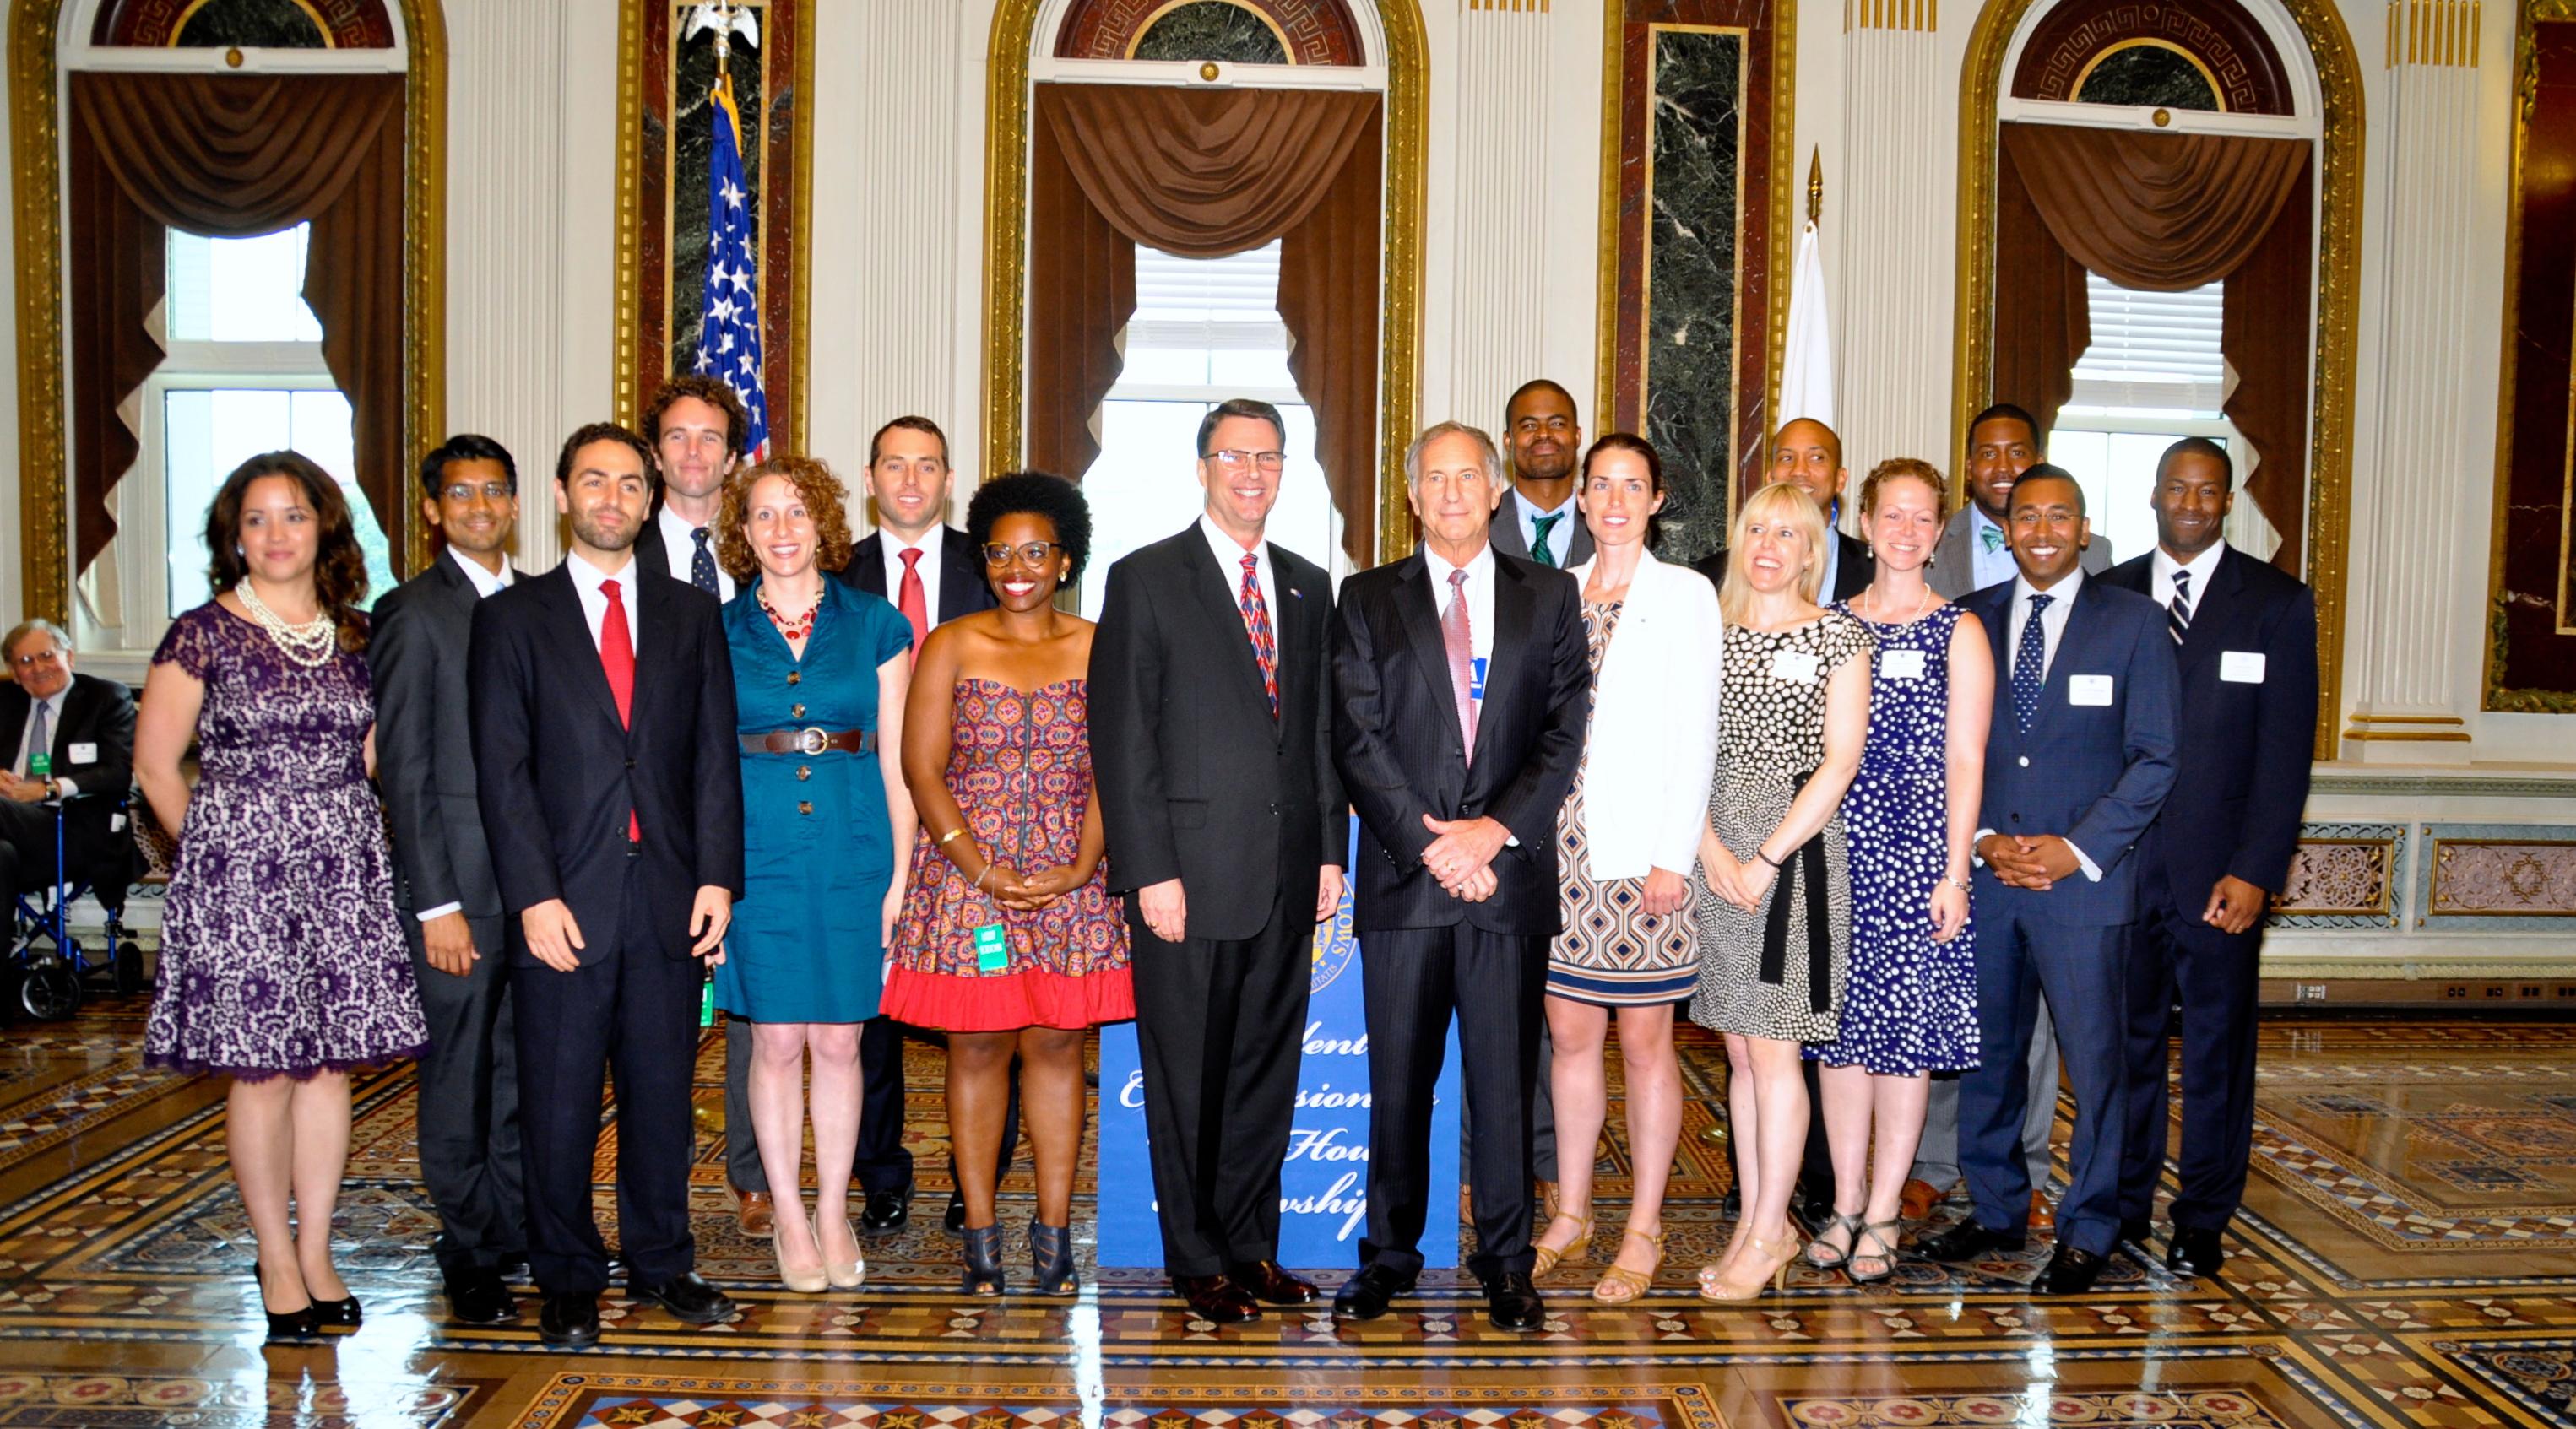 2012-13 White House Fellows